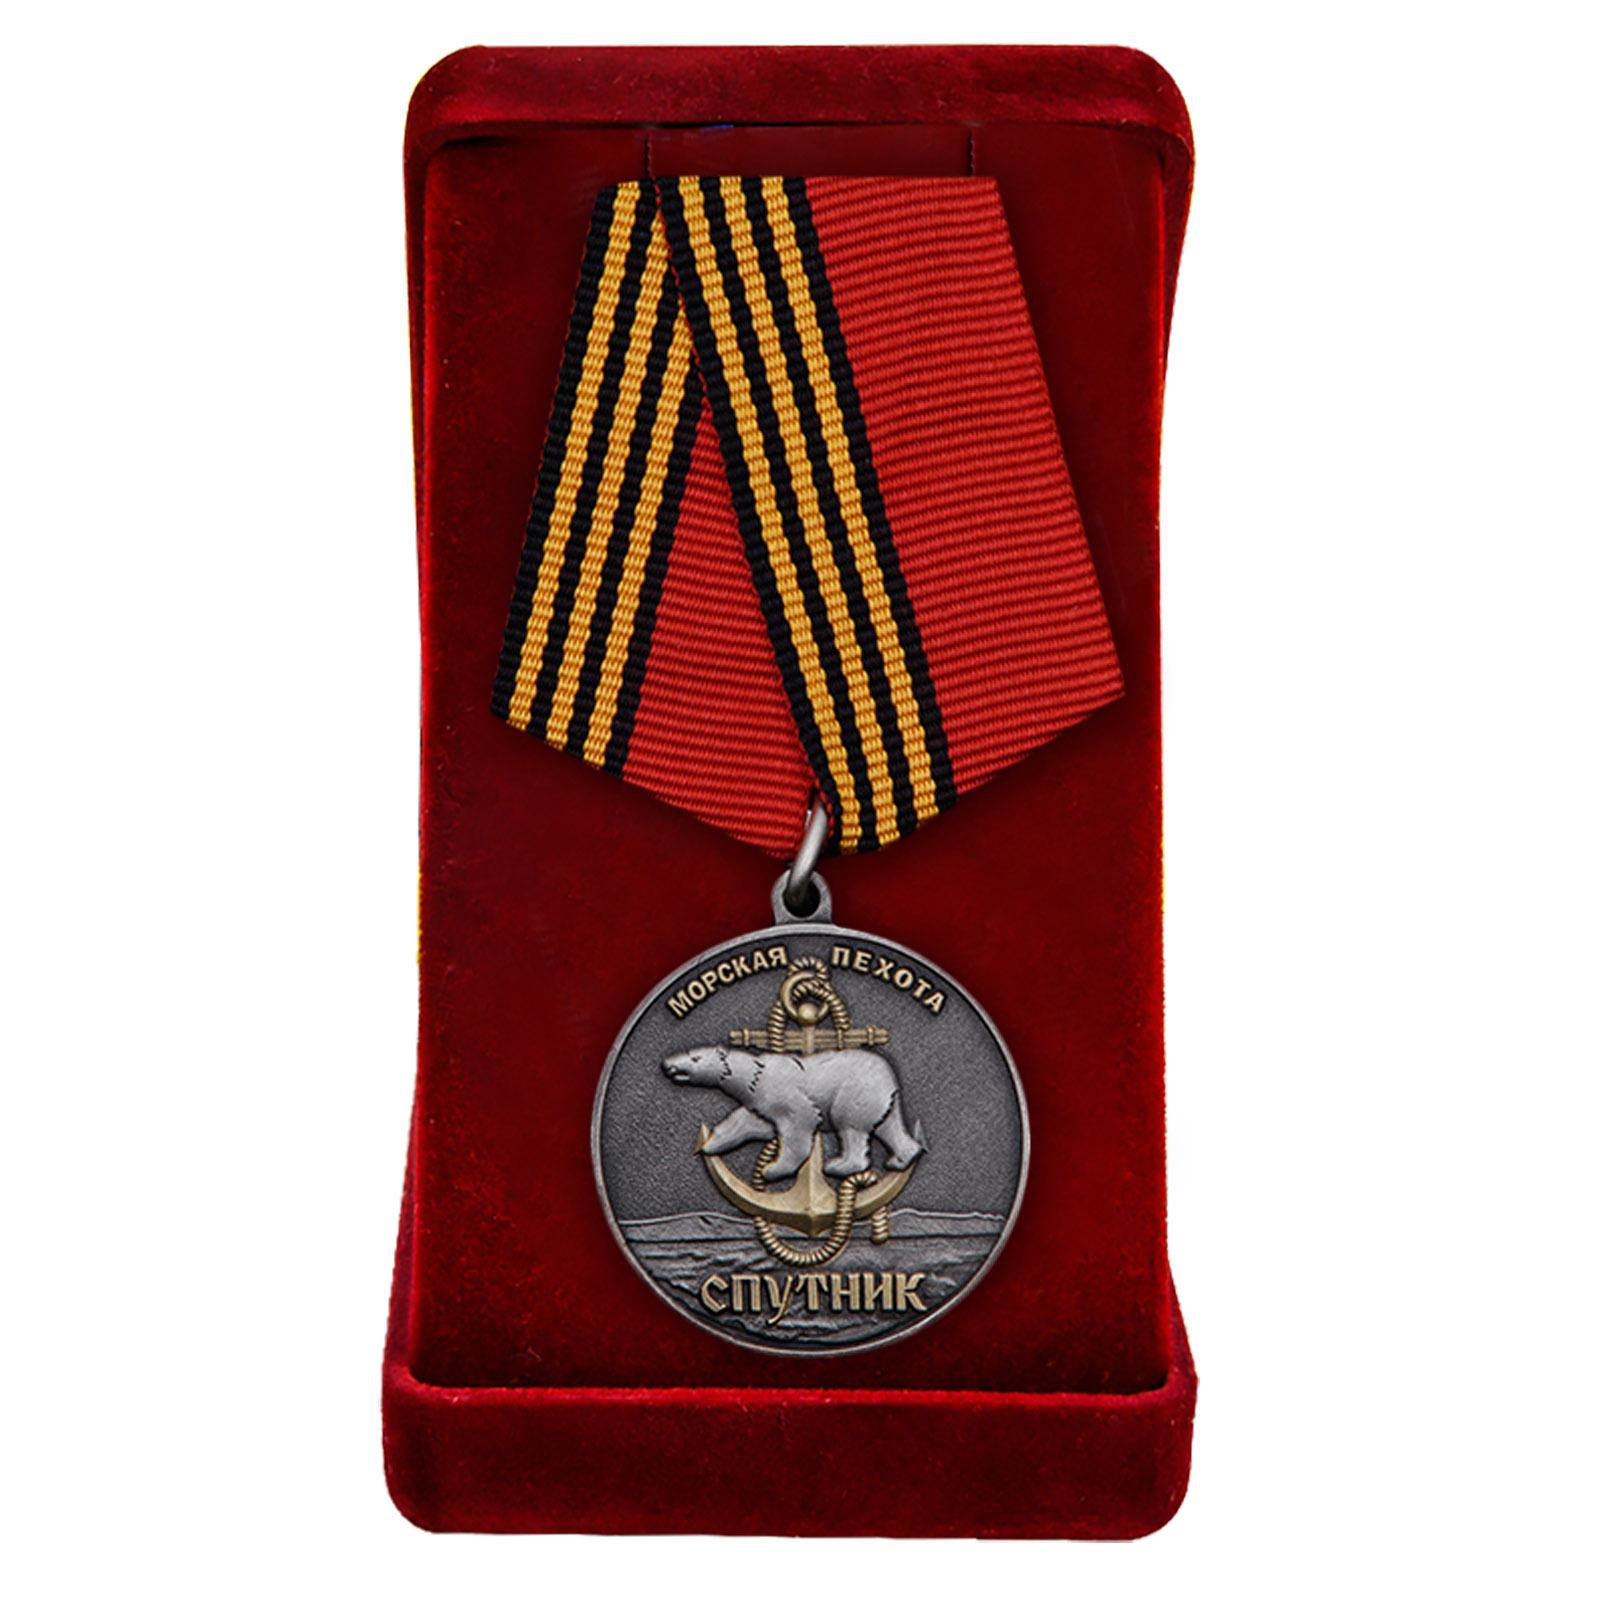 Купить памятную медаль 61-я Киркенесская ОБрМП. Спутник оптом или в розницу